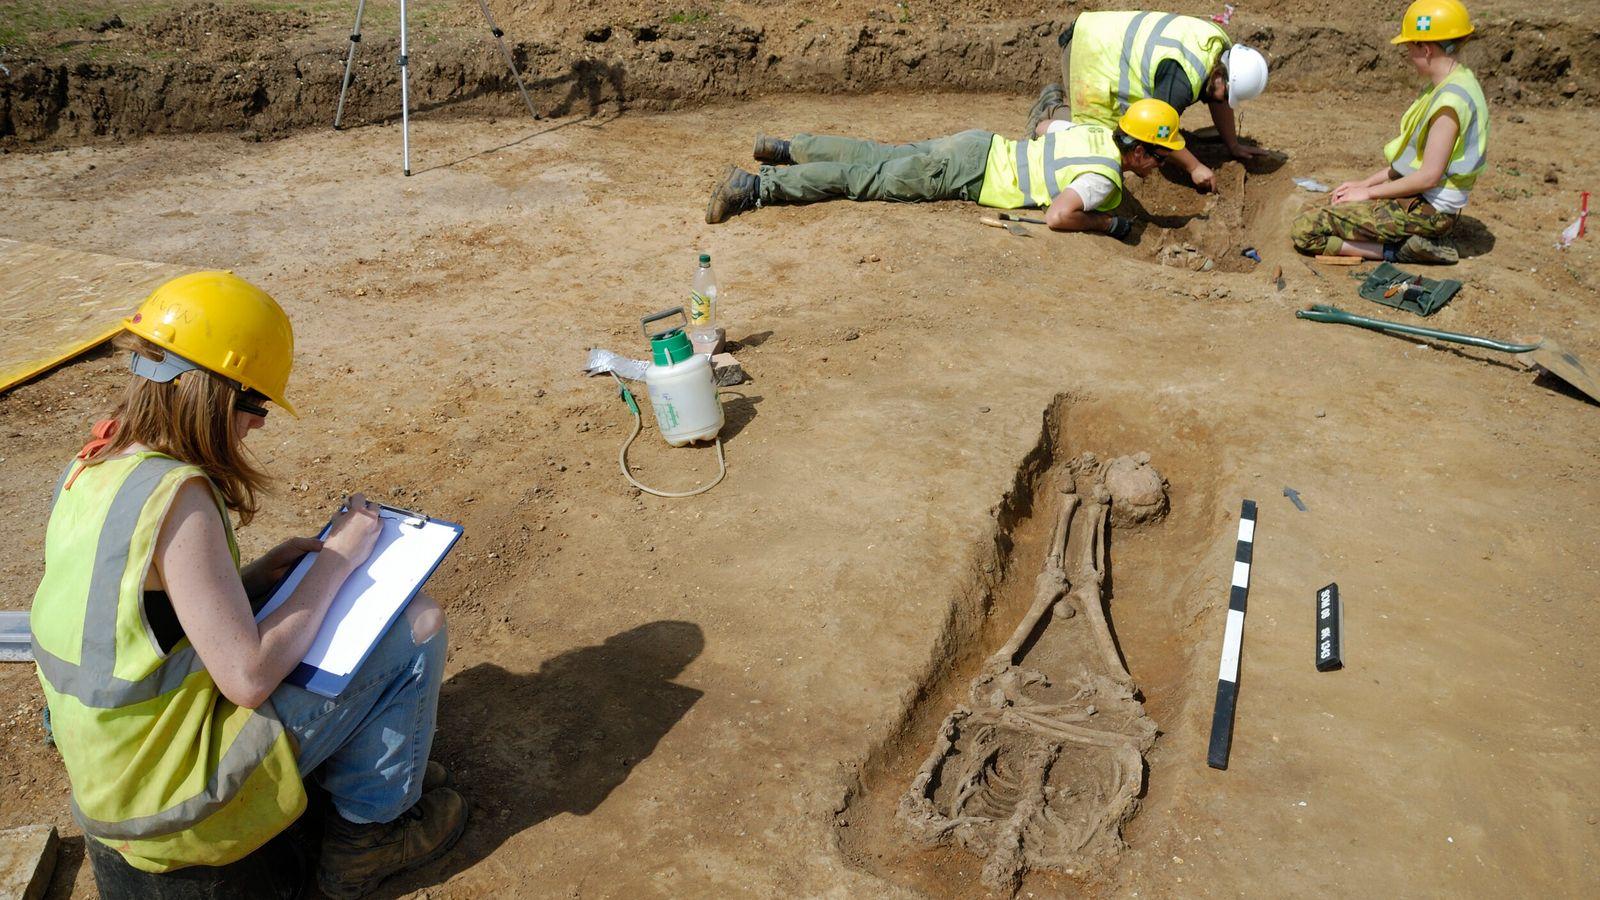 Knobb's farm, fouille du squelette le mieux conservé (Sk.1343), complétée à 75%. Le corps de l'homme adulte ...